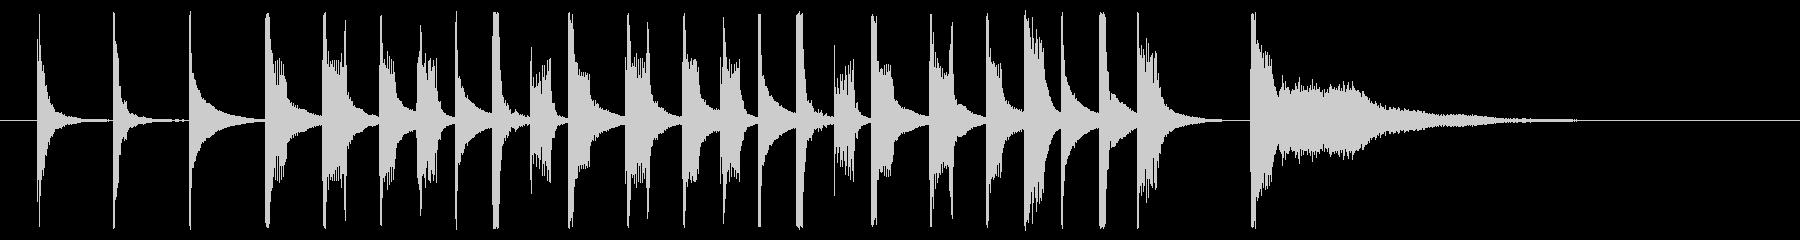 「呑気な人」をイメージ、マリンバとベースの未再生の波形